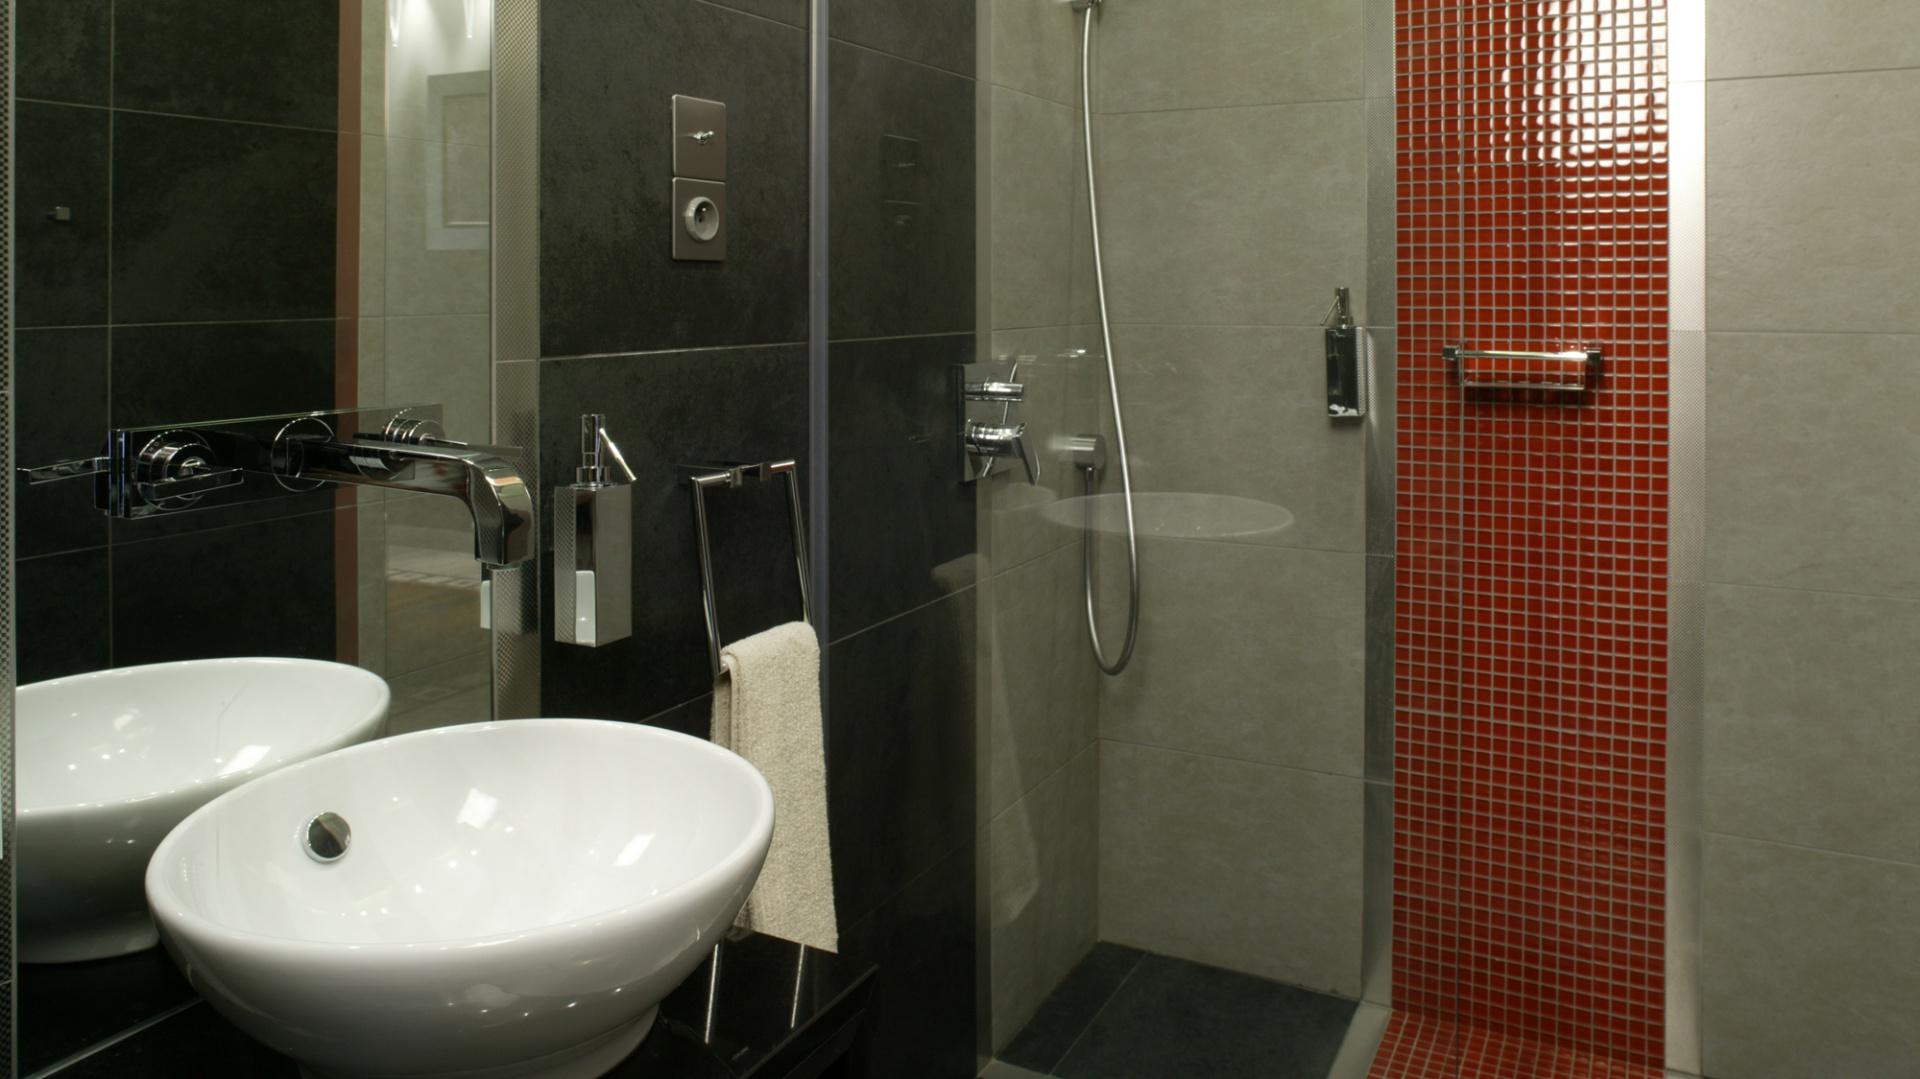 Kabina prysznicowa bez tradycyjnego brodzika. Zamontowana w płaszczyźnie podłogi stalowa kratka, osłaniająca odpływ, dobrze komponuje się z podłogową okładziną – jest niemal niewidoczna. Fot. Monika Filipiuk.